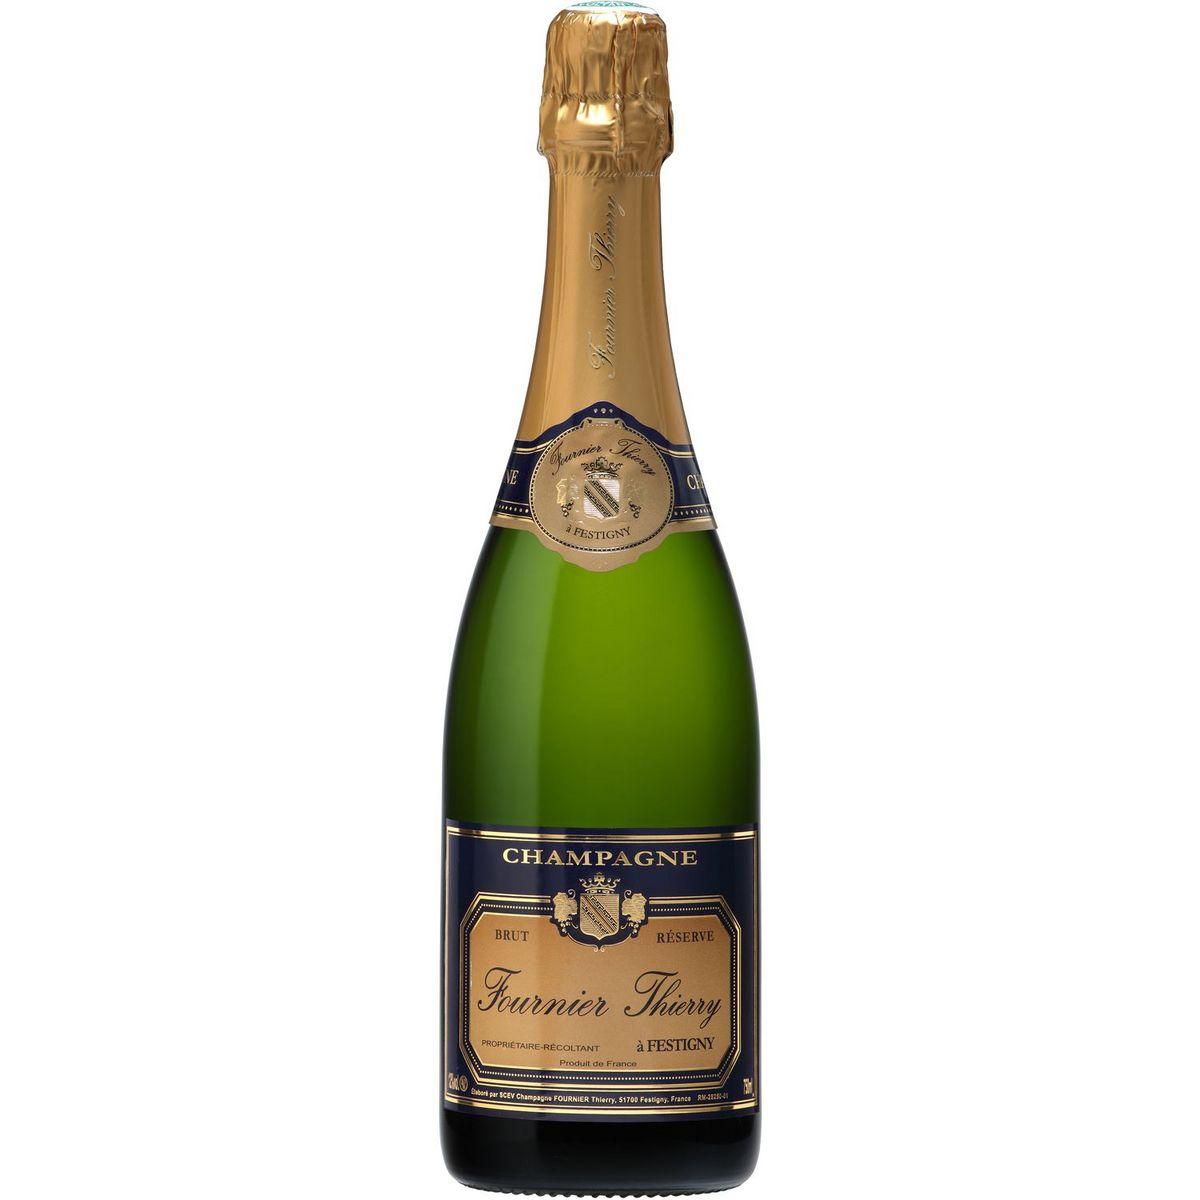 AOP Champagne brut réserve